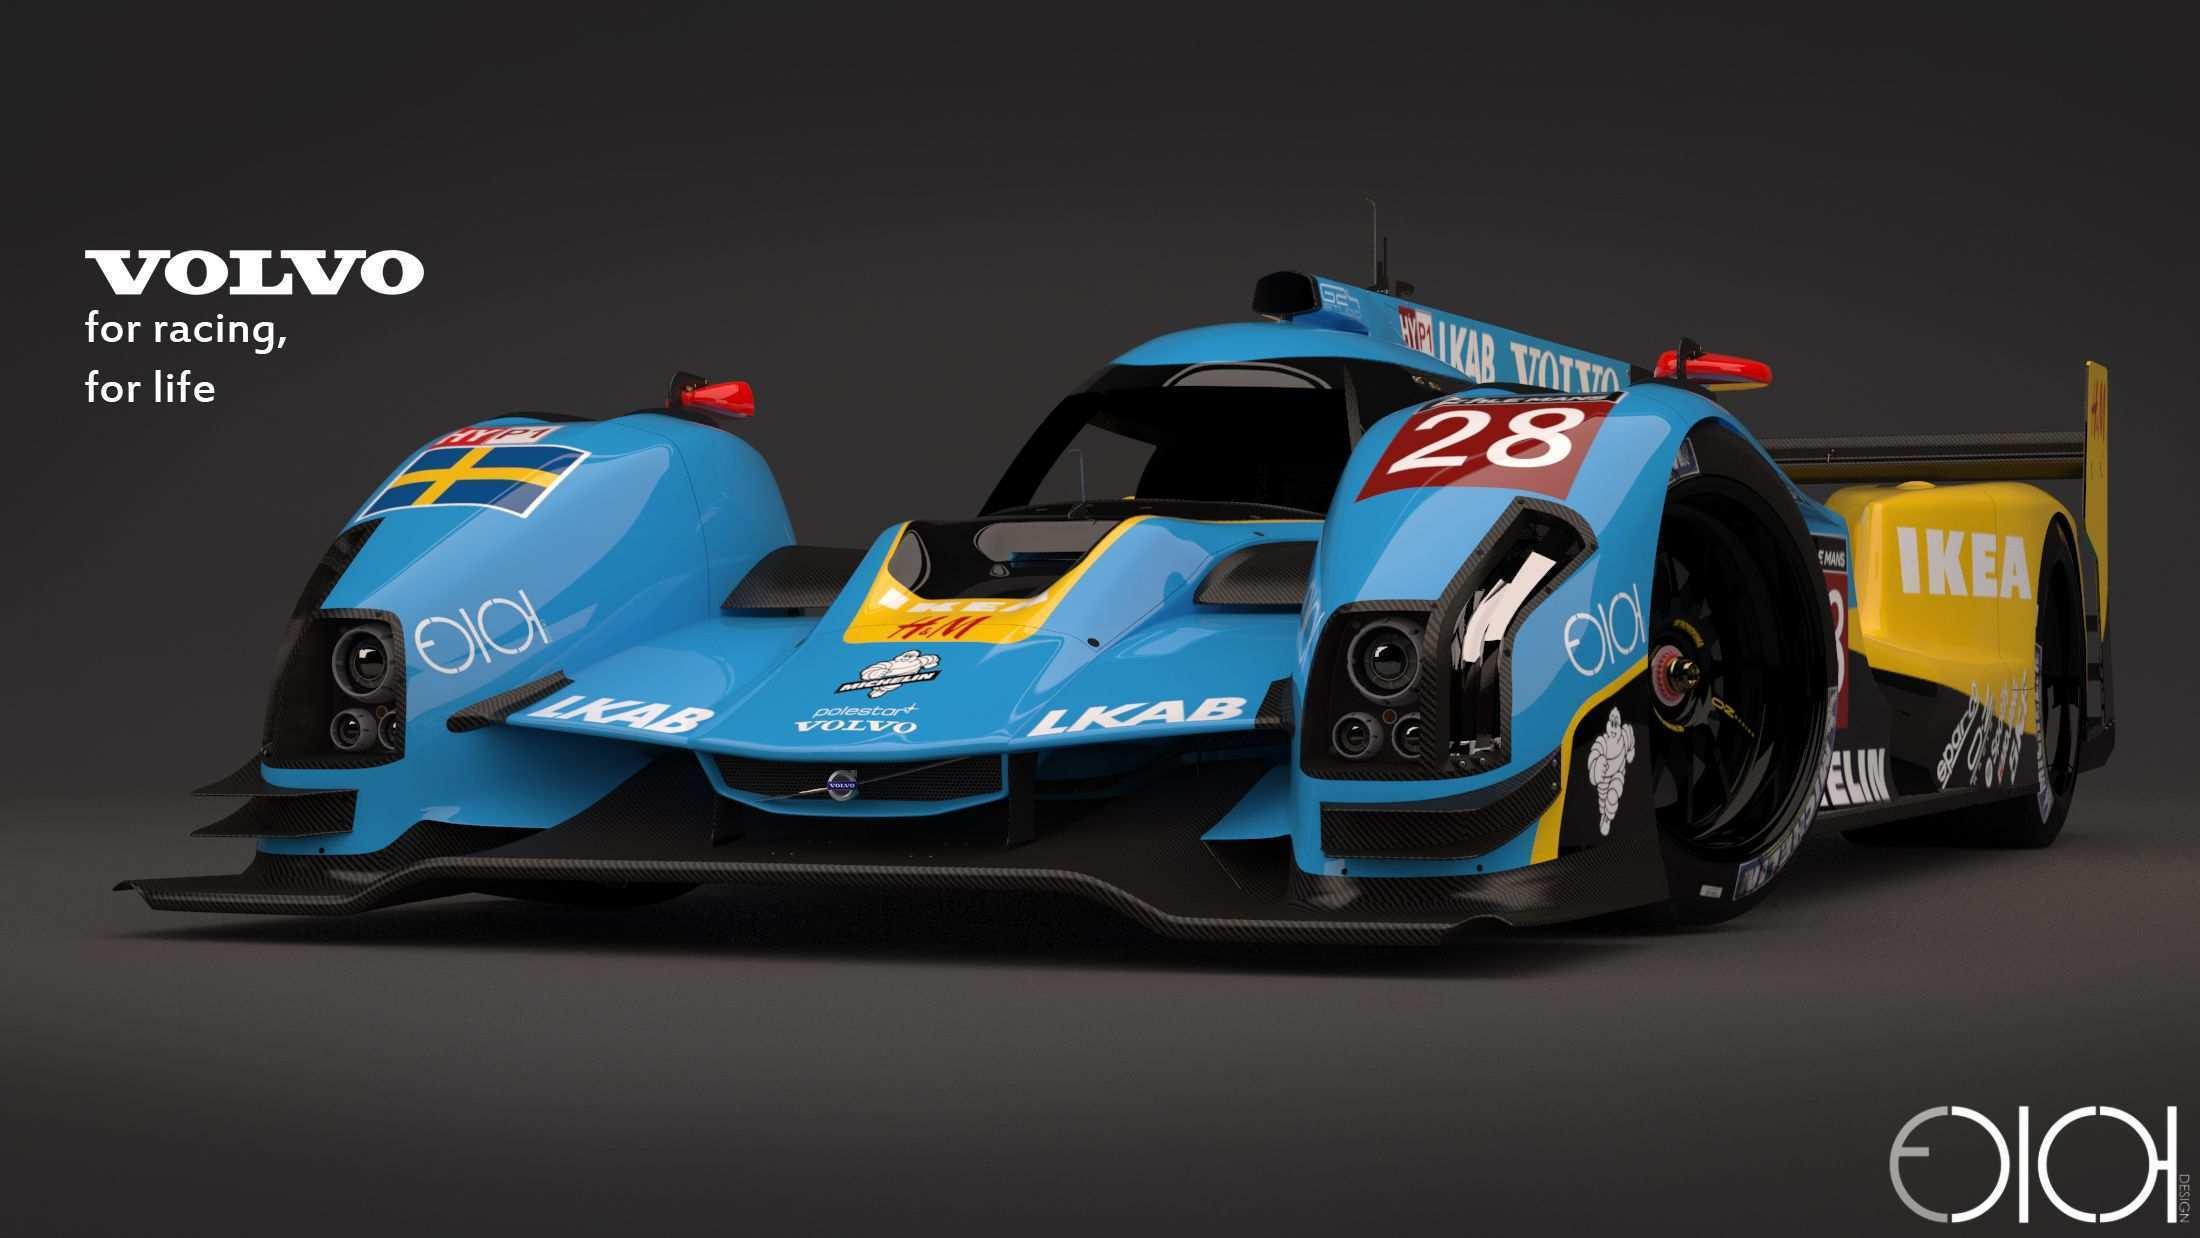 17 The Peugeot Le Mans 2020 Engine with Peugeot Le Mans 2020